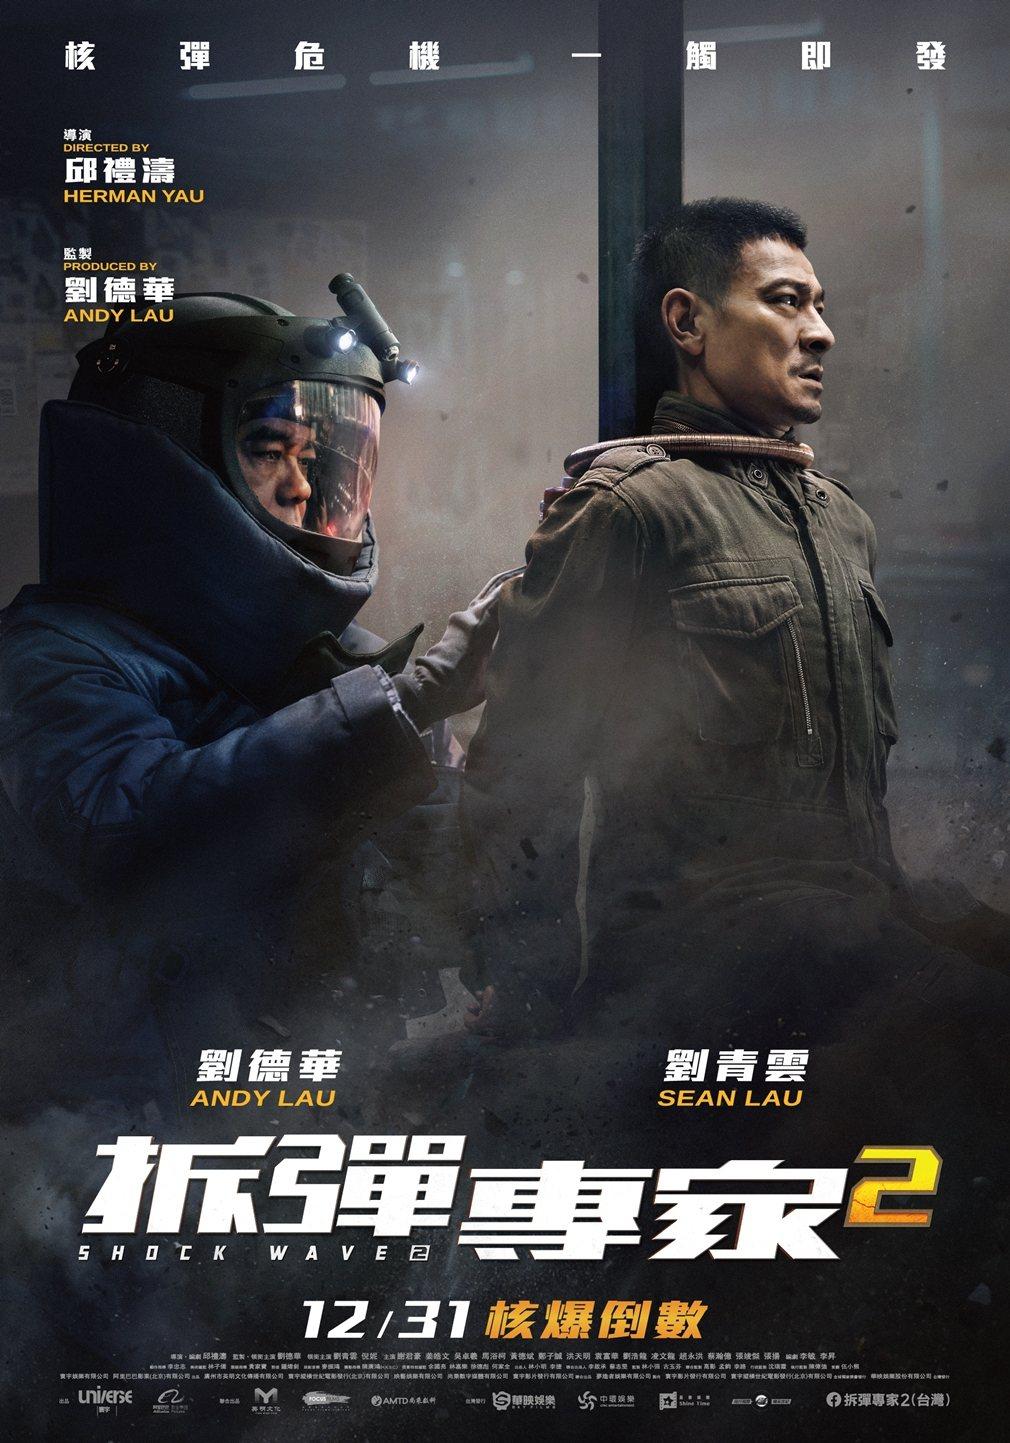 「拆彈專家2」是跨年檔期叫好叫座的華人大片。圖/華映提供